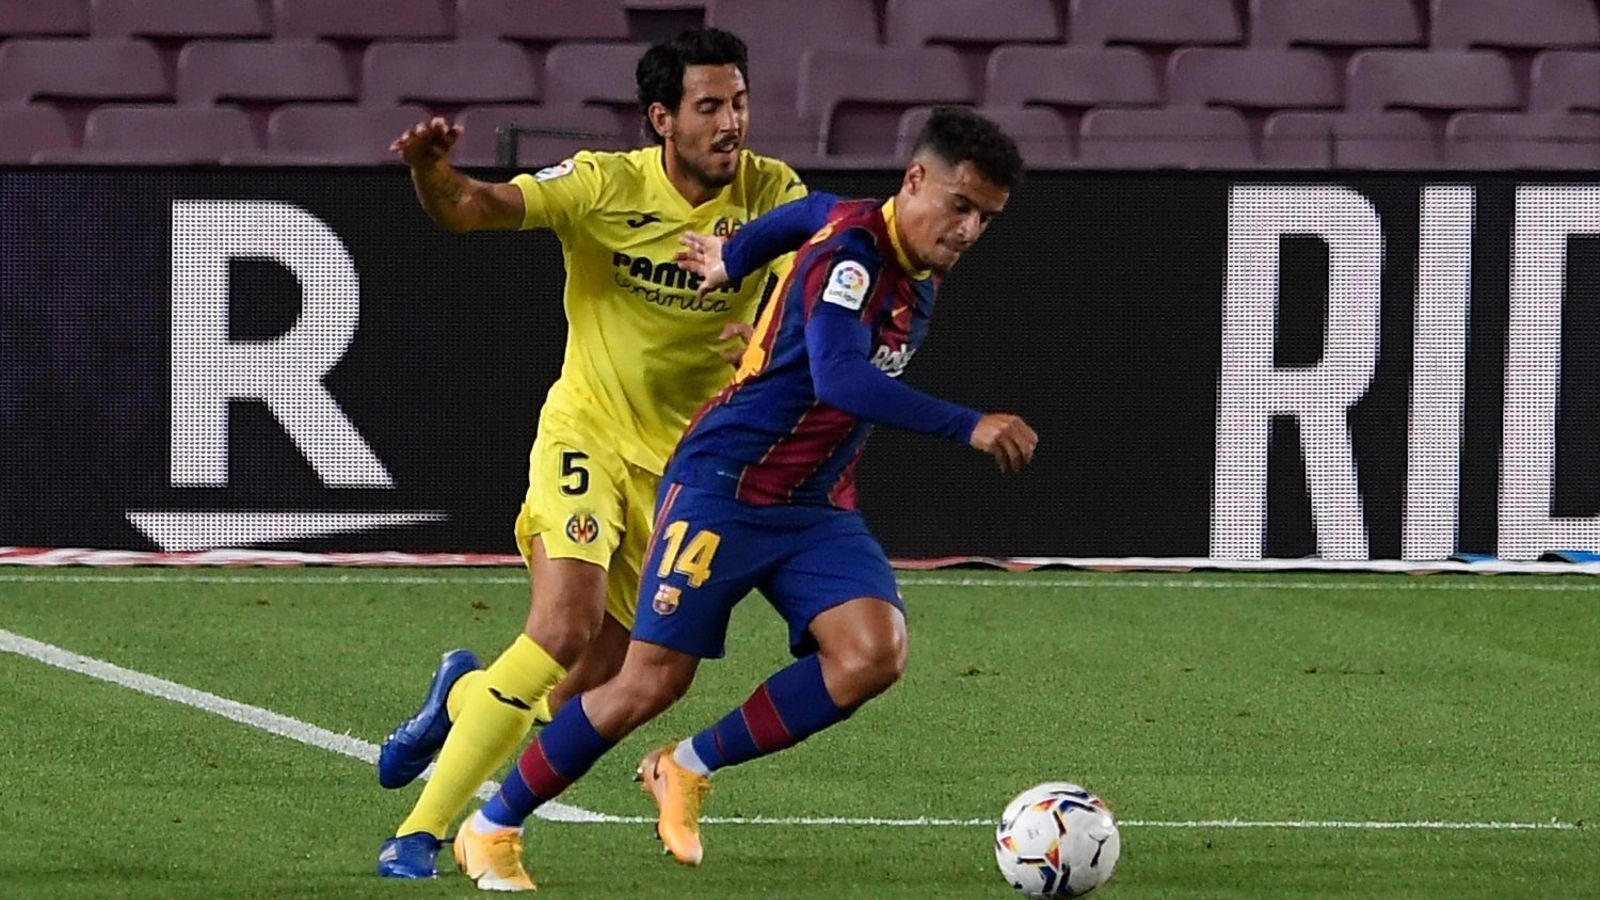 El jugador del Barça Coutinho controla una pilota davant del migcampista del Vila-real Parejo.